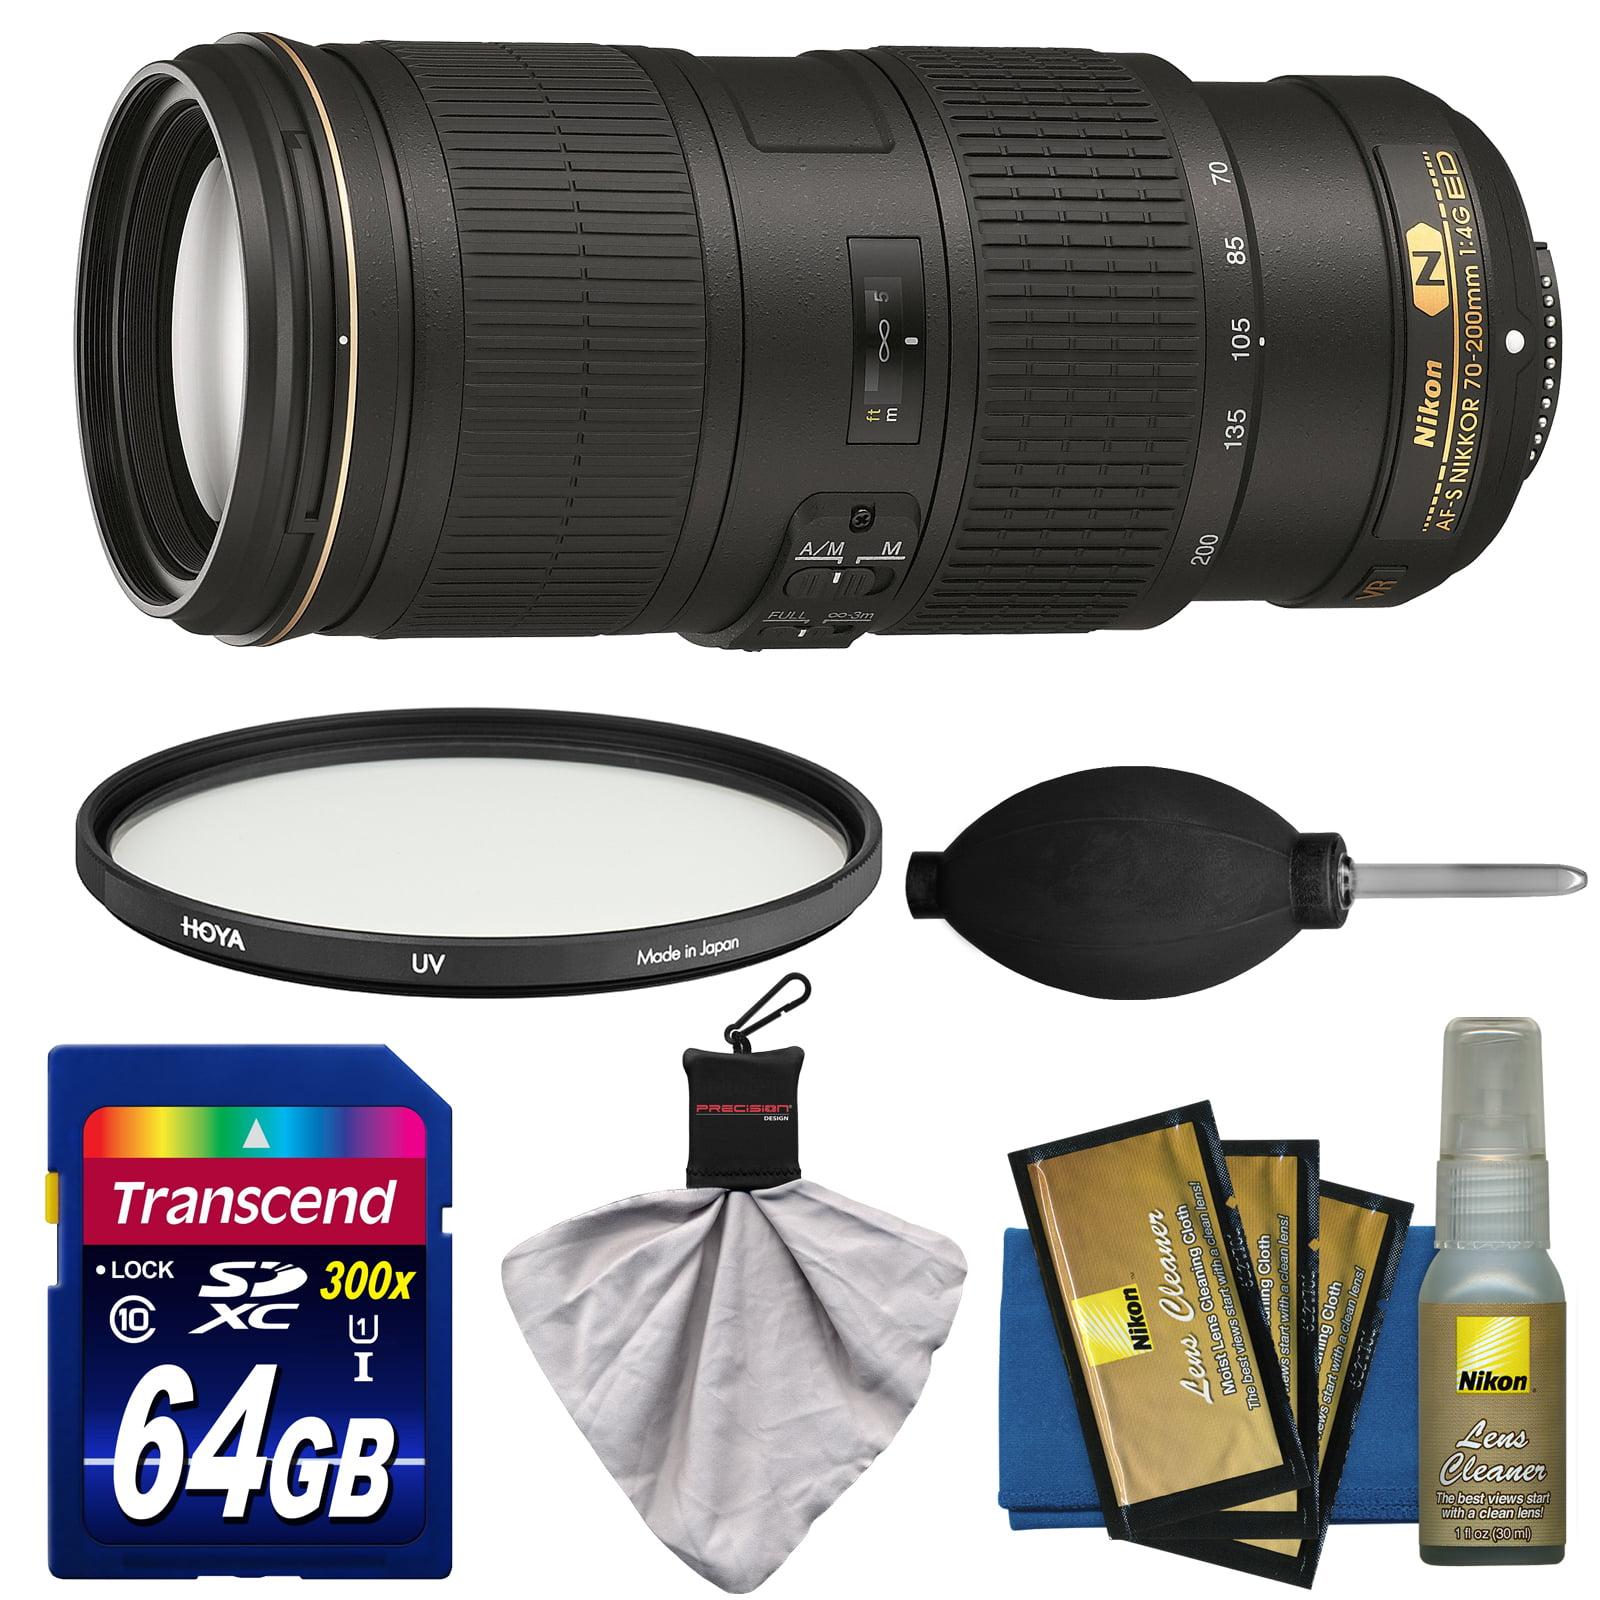 Nikon 70-200mm f/4G VR AF-S ED Nikkor-Zoom Lens with Filter + 64GB SD Card + Kit for D3200, D3300, D5300, D5500, D7100, D7200, D750, D810 Camera